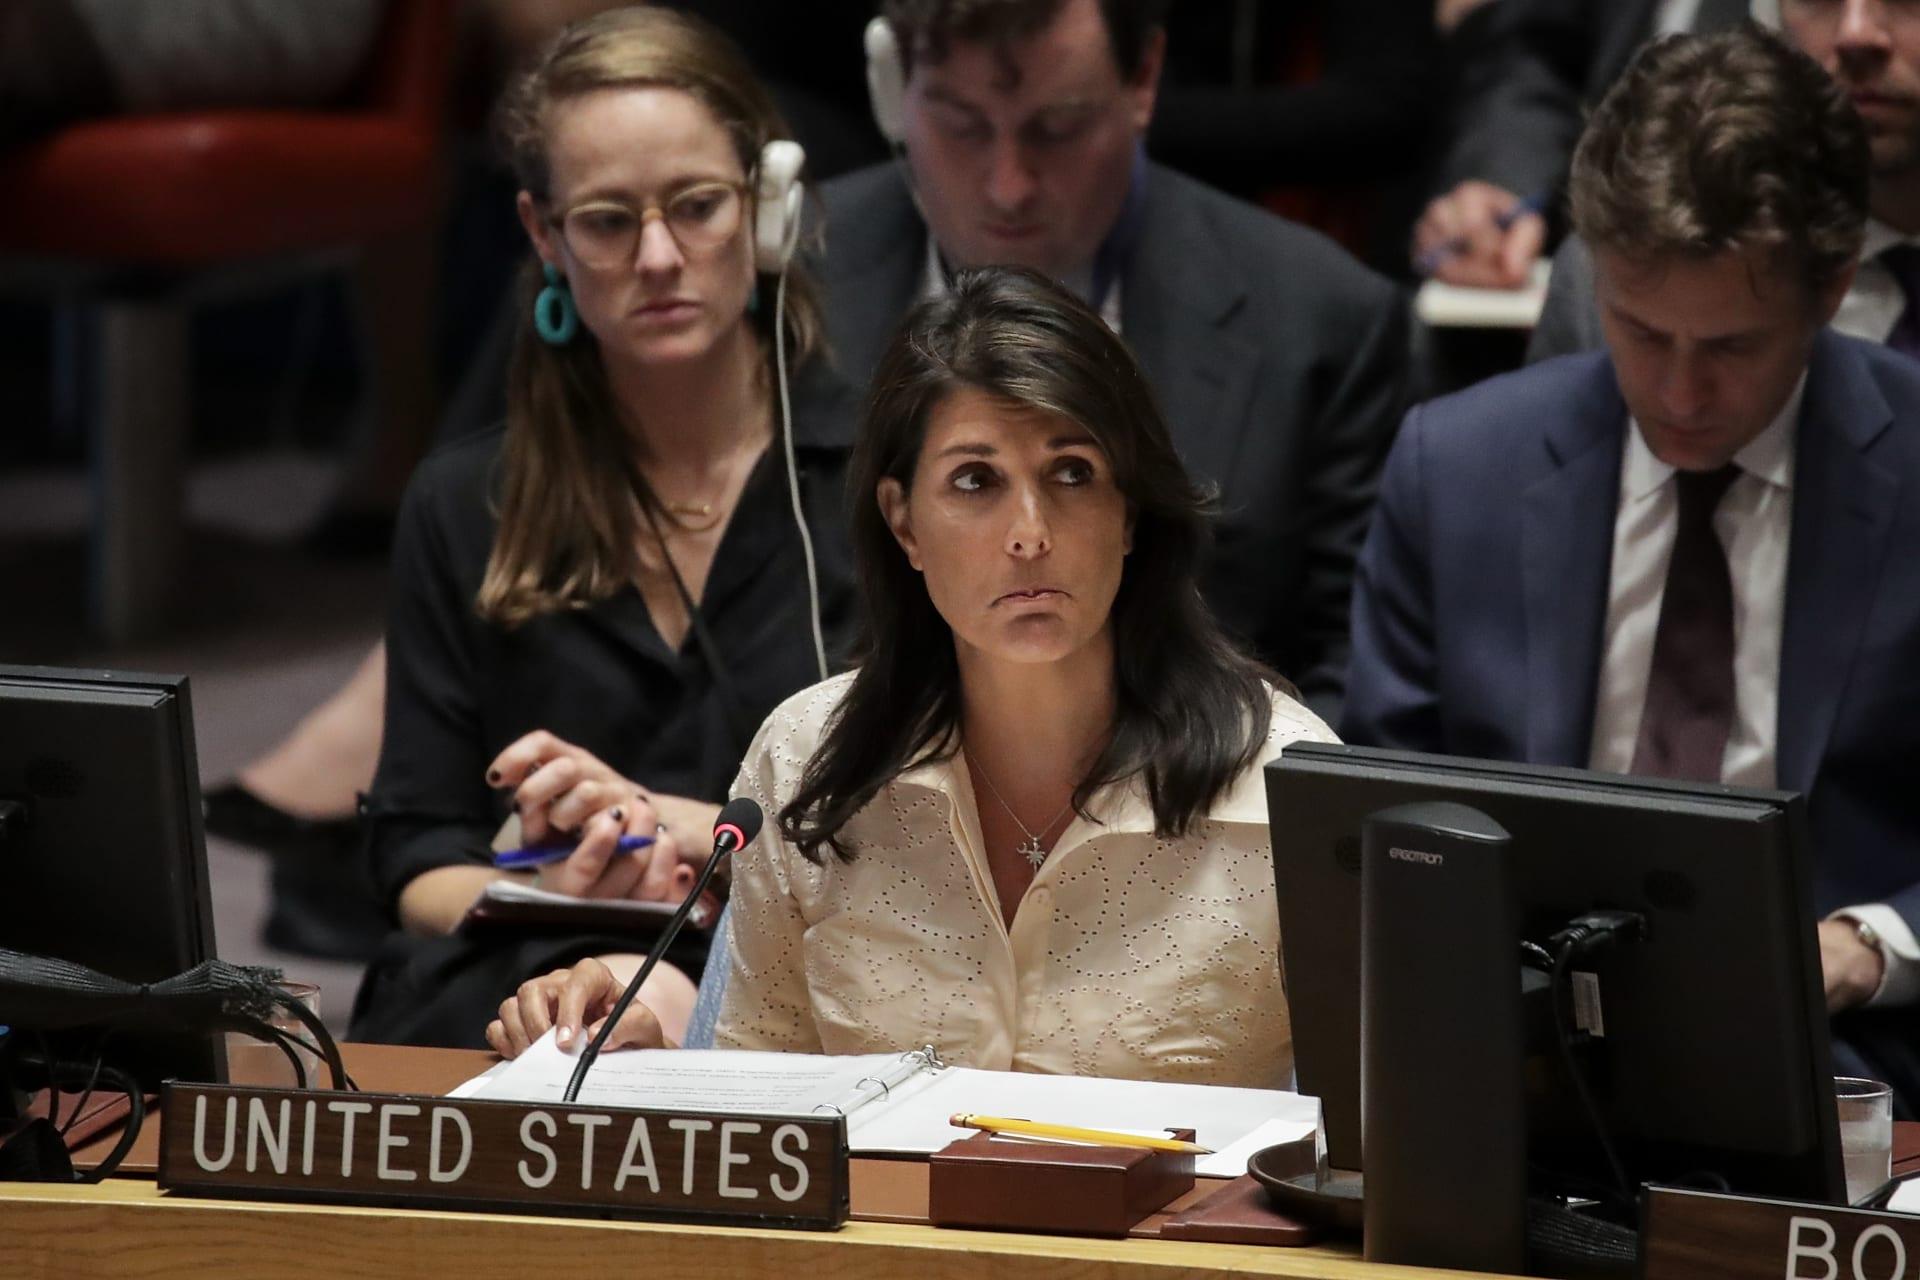 واشنطن تهدد باستخدام الفيتو ضد مشروع قرار لحماية الفلسطينيين